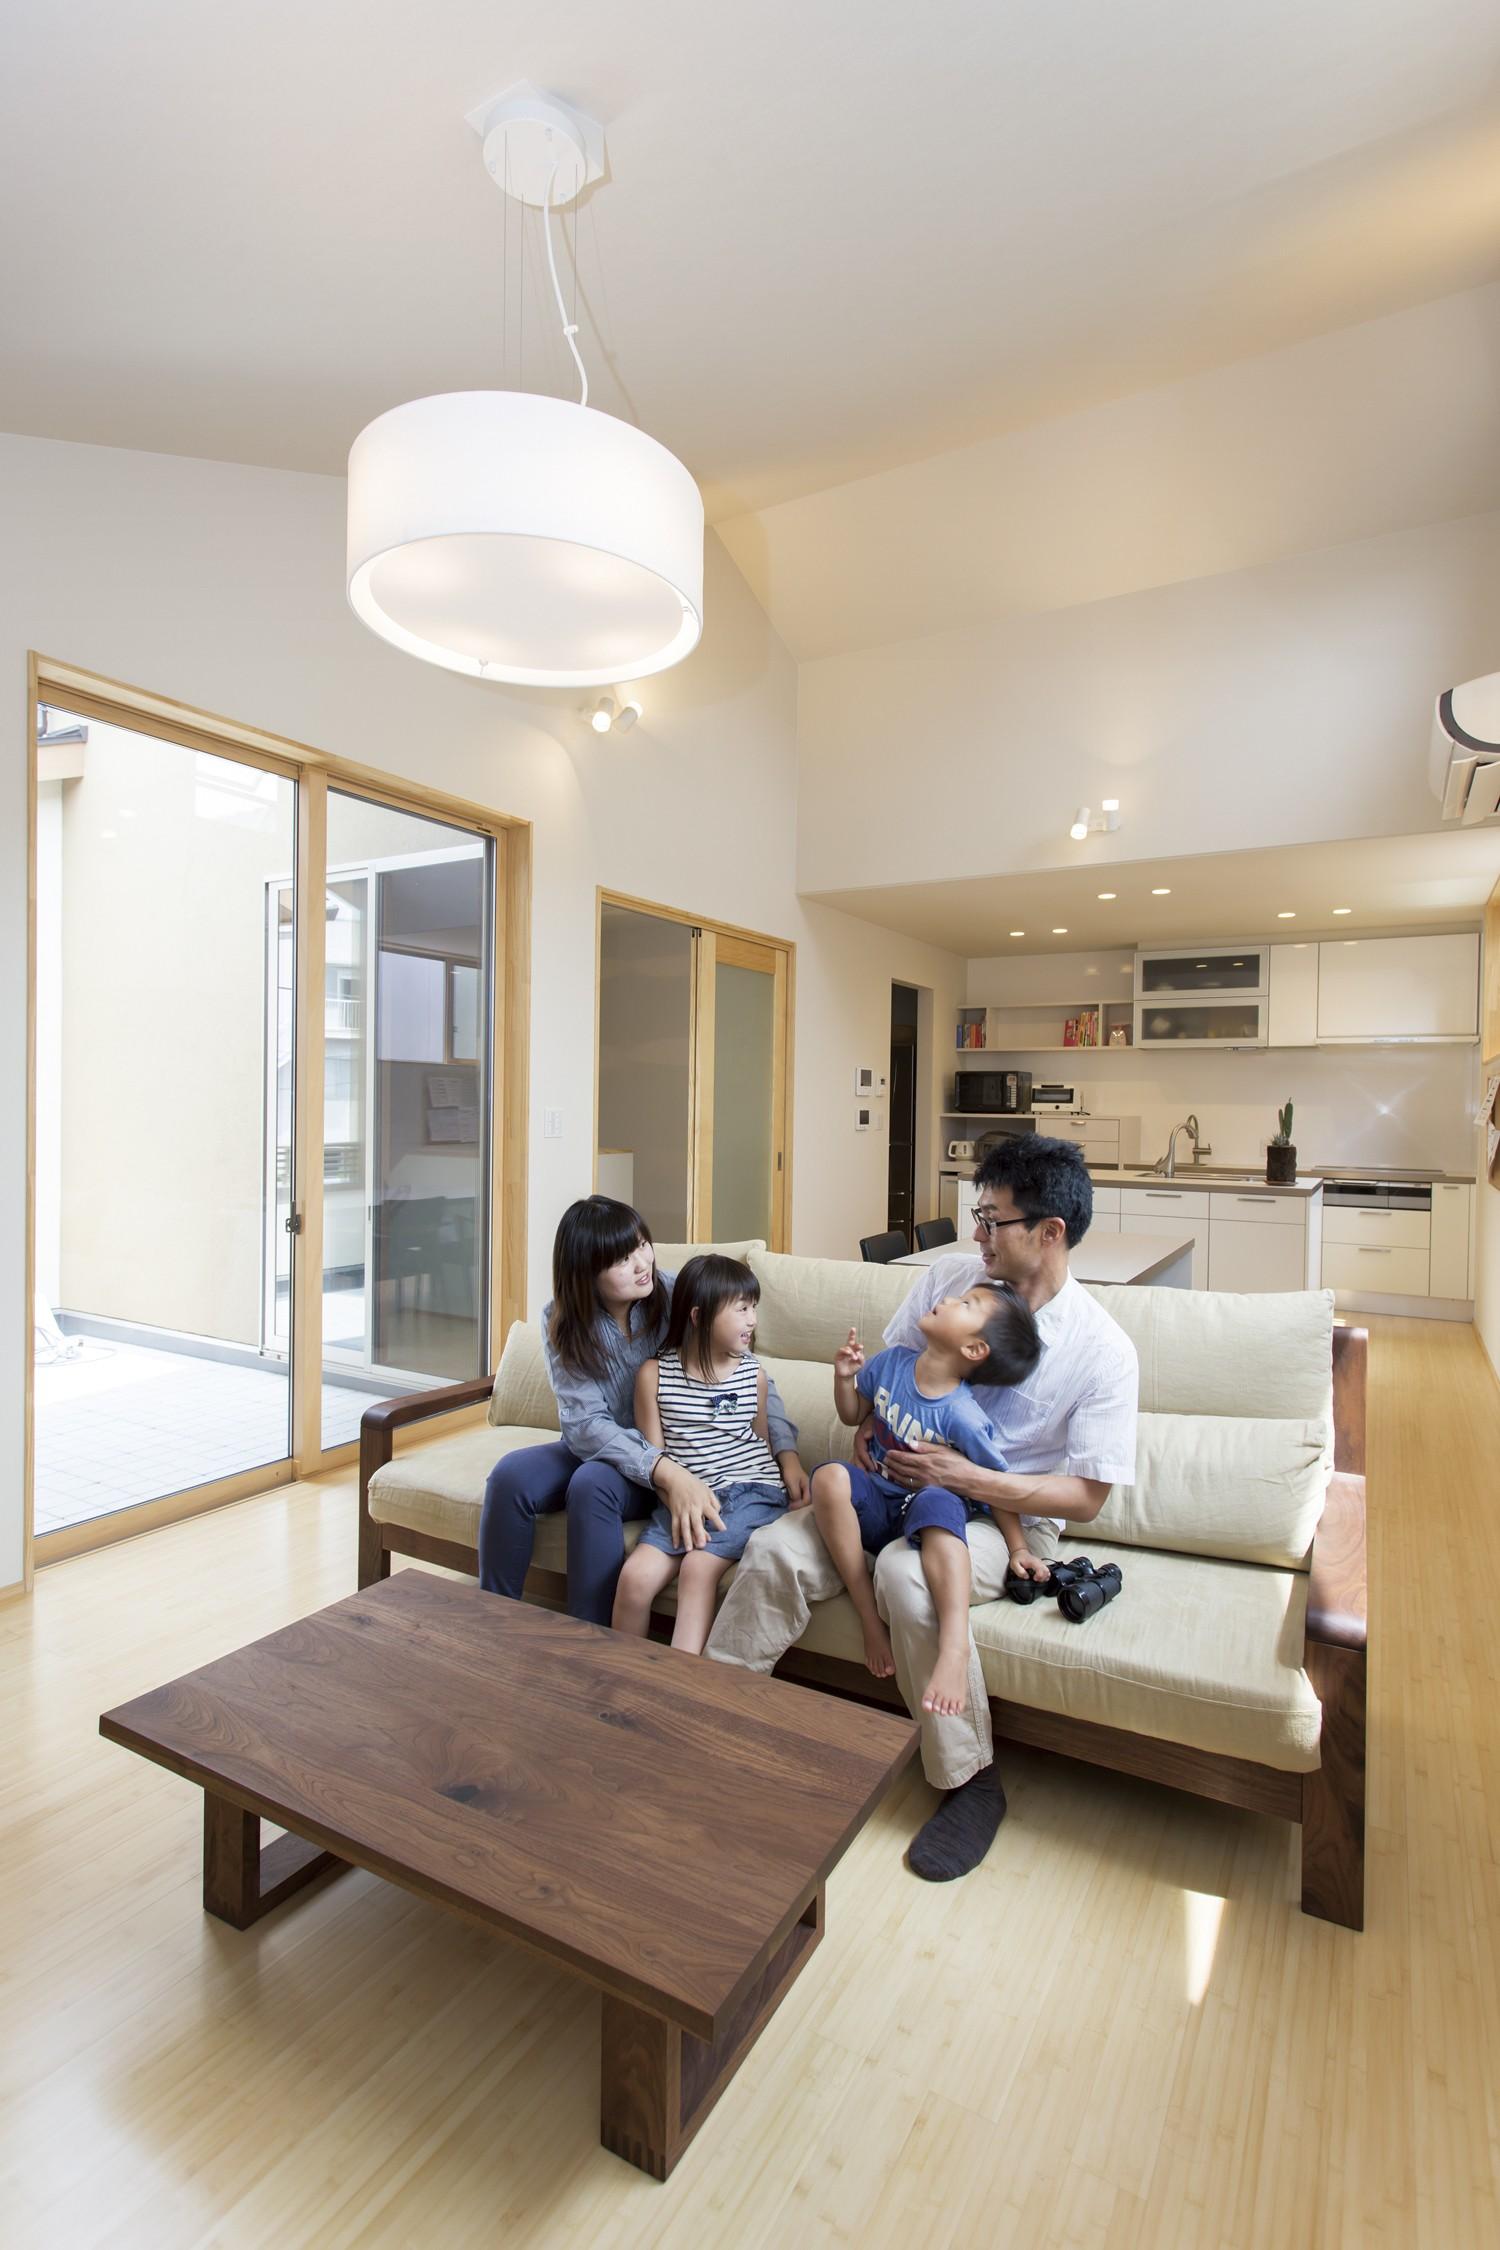 適材適所の収納で片付け上手 子どもの自立を育む家 イメージ